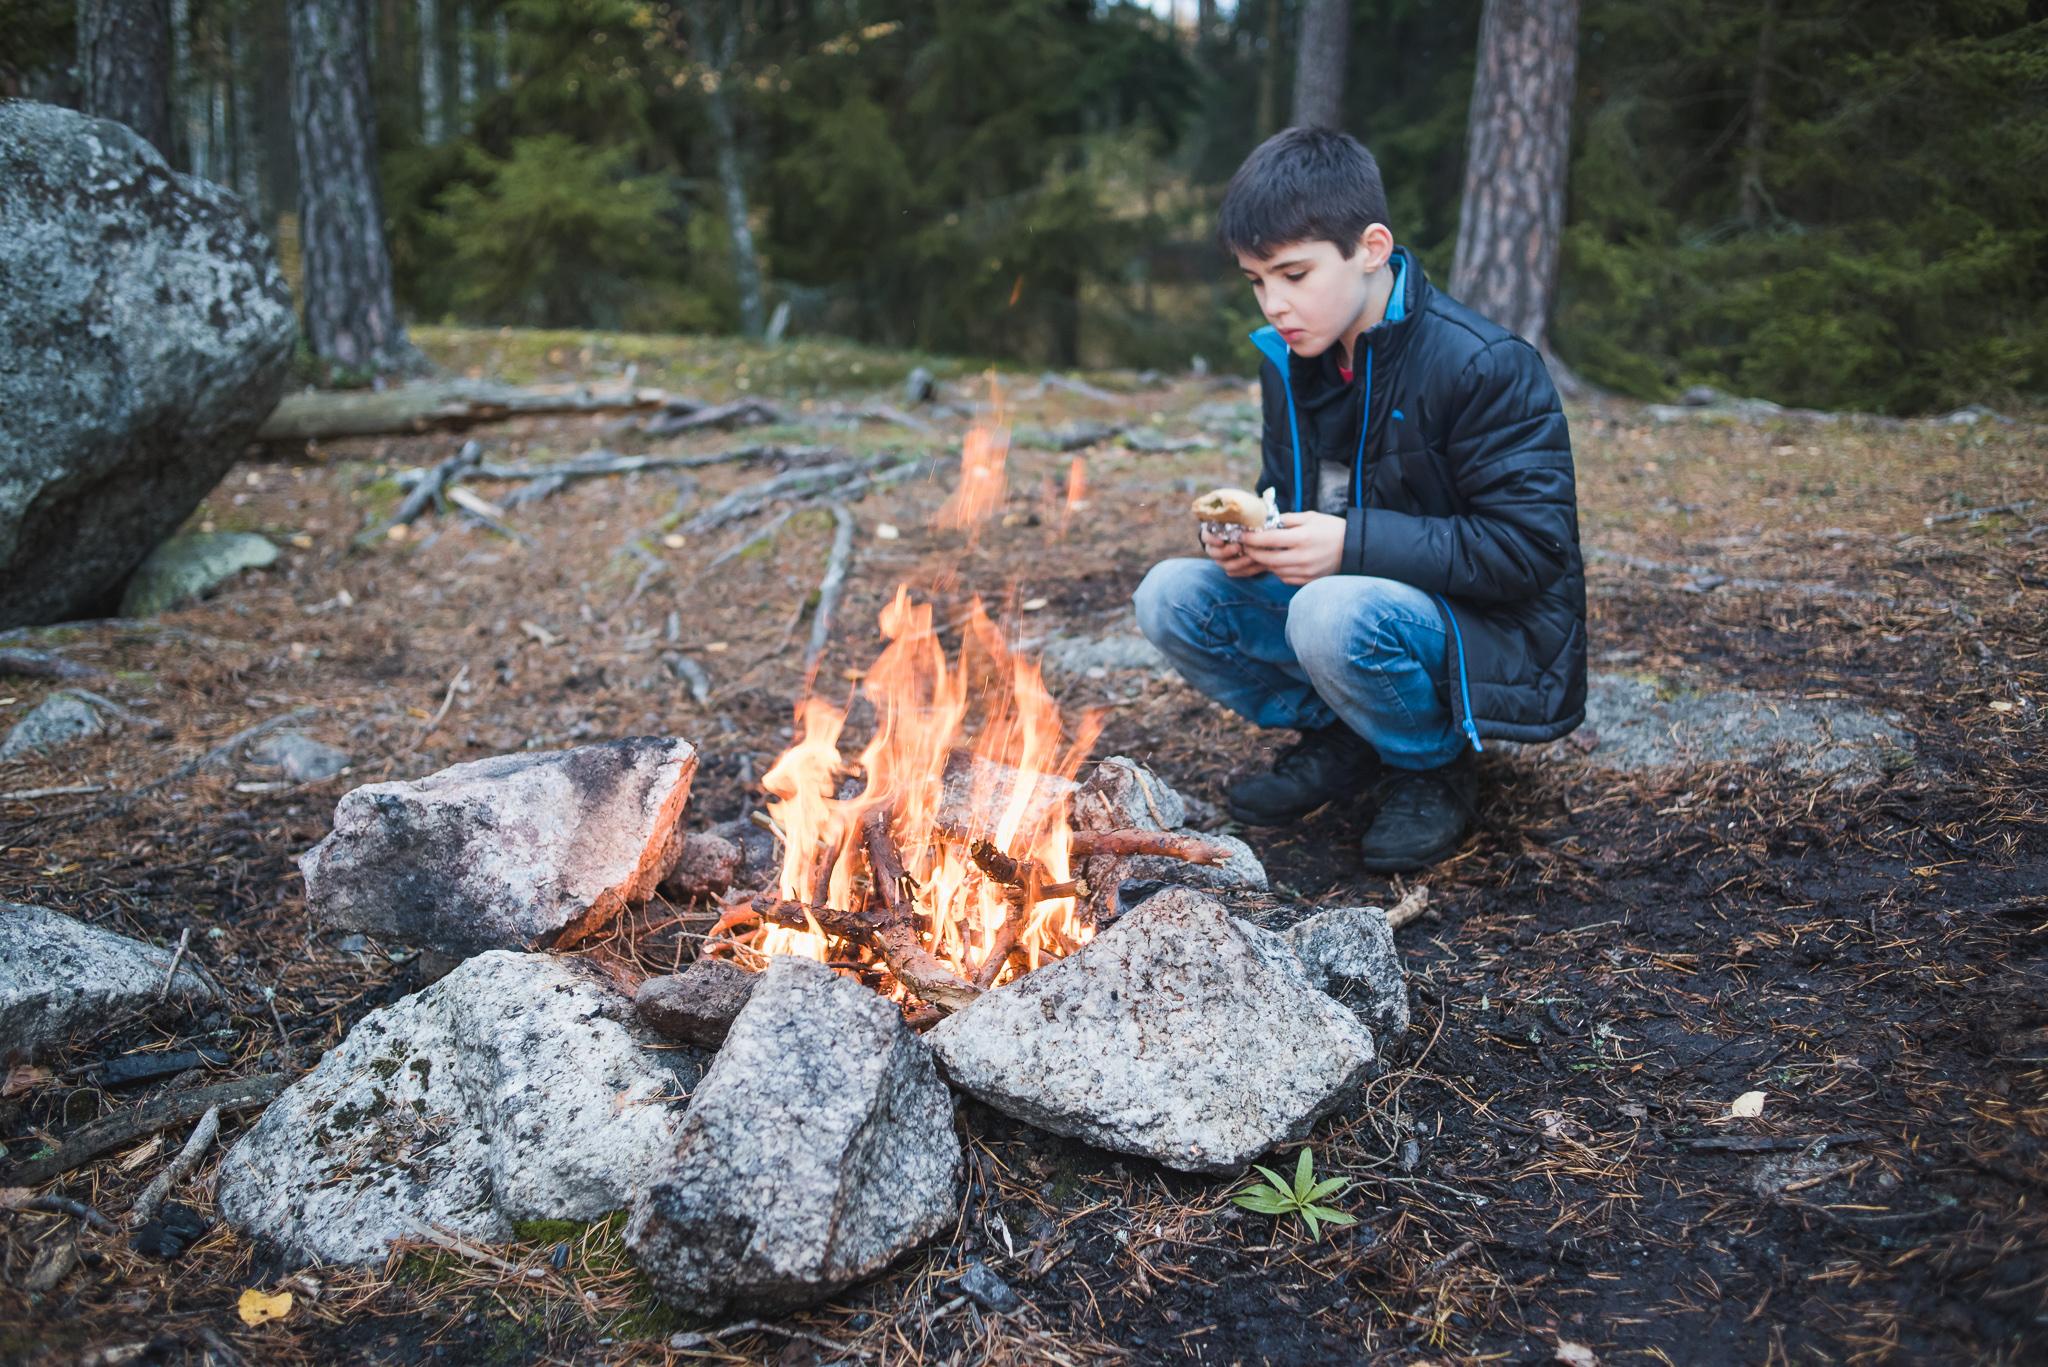 pojke ater matsack vid elden